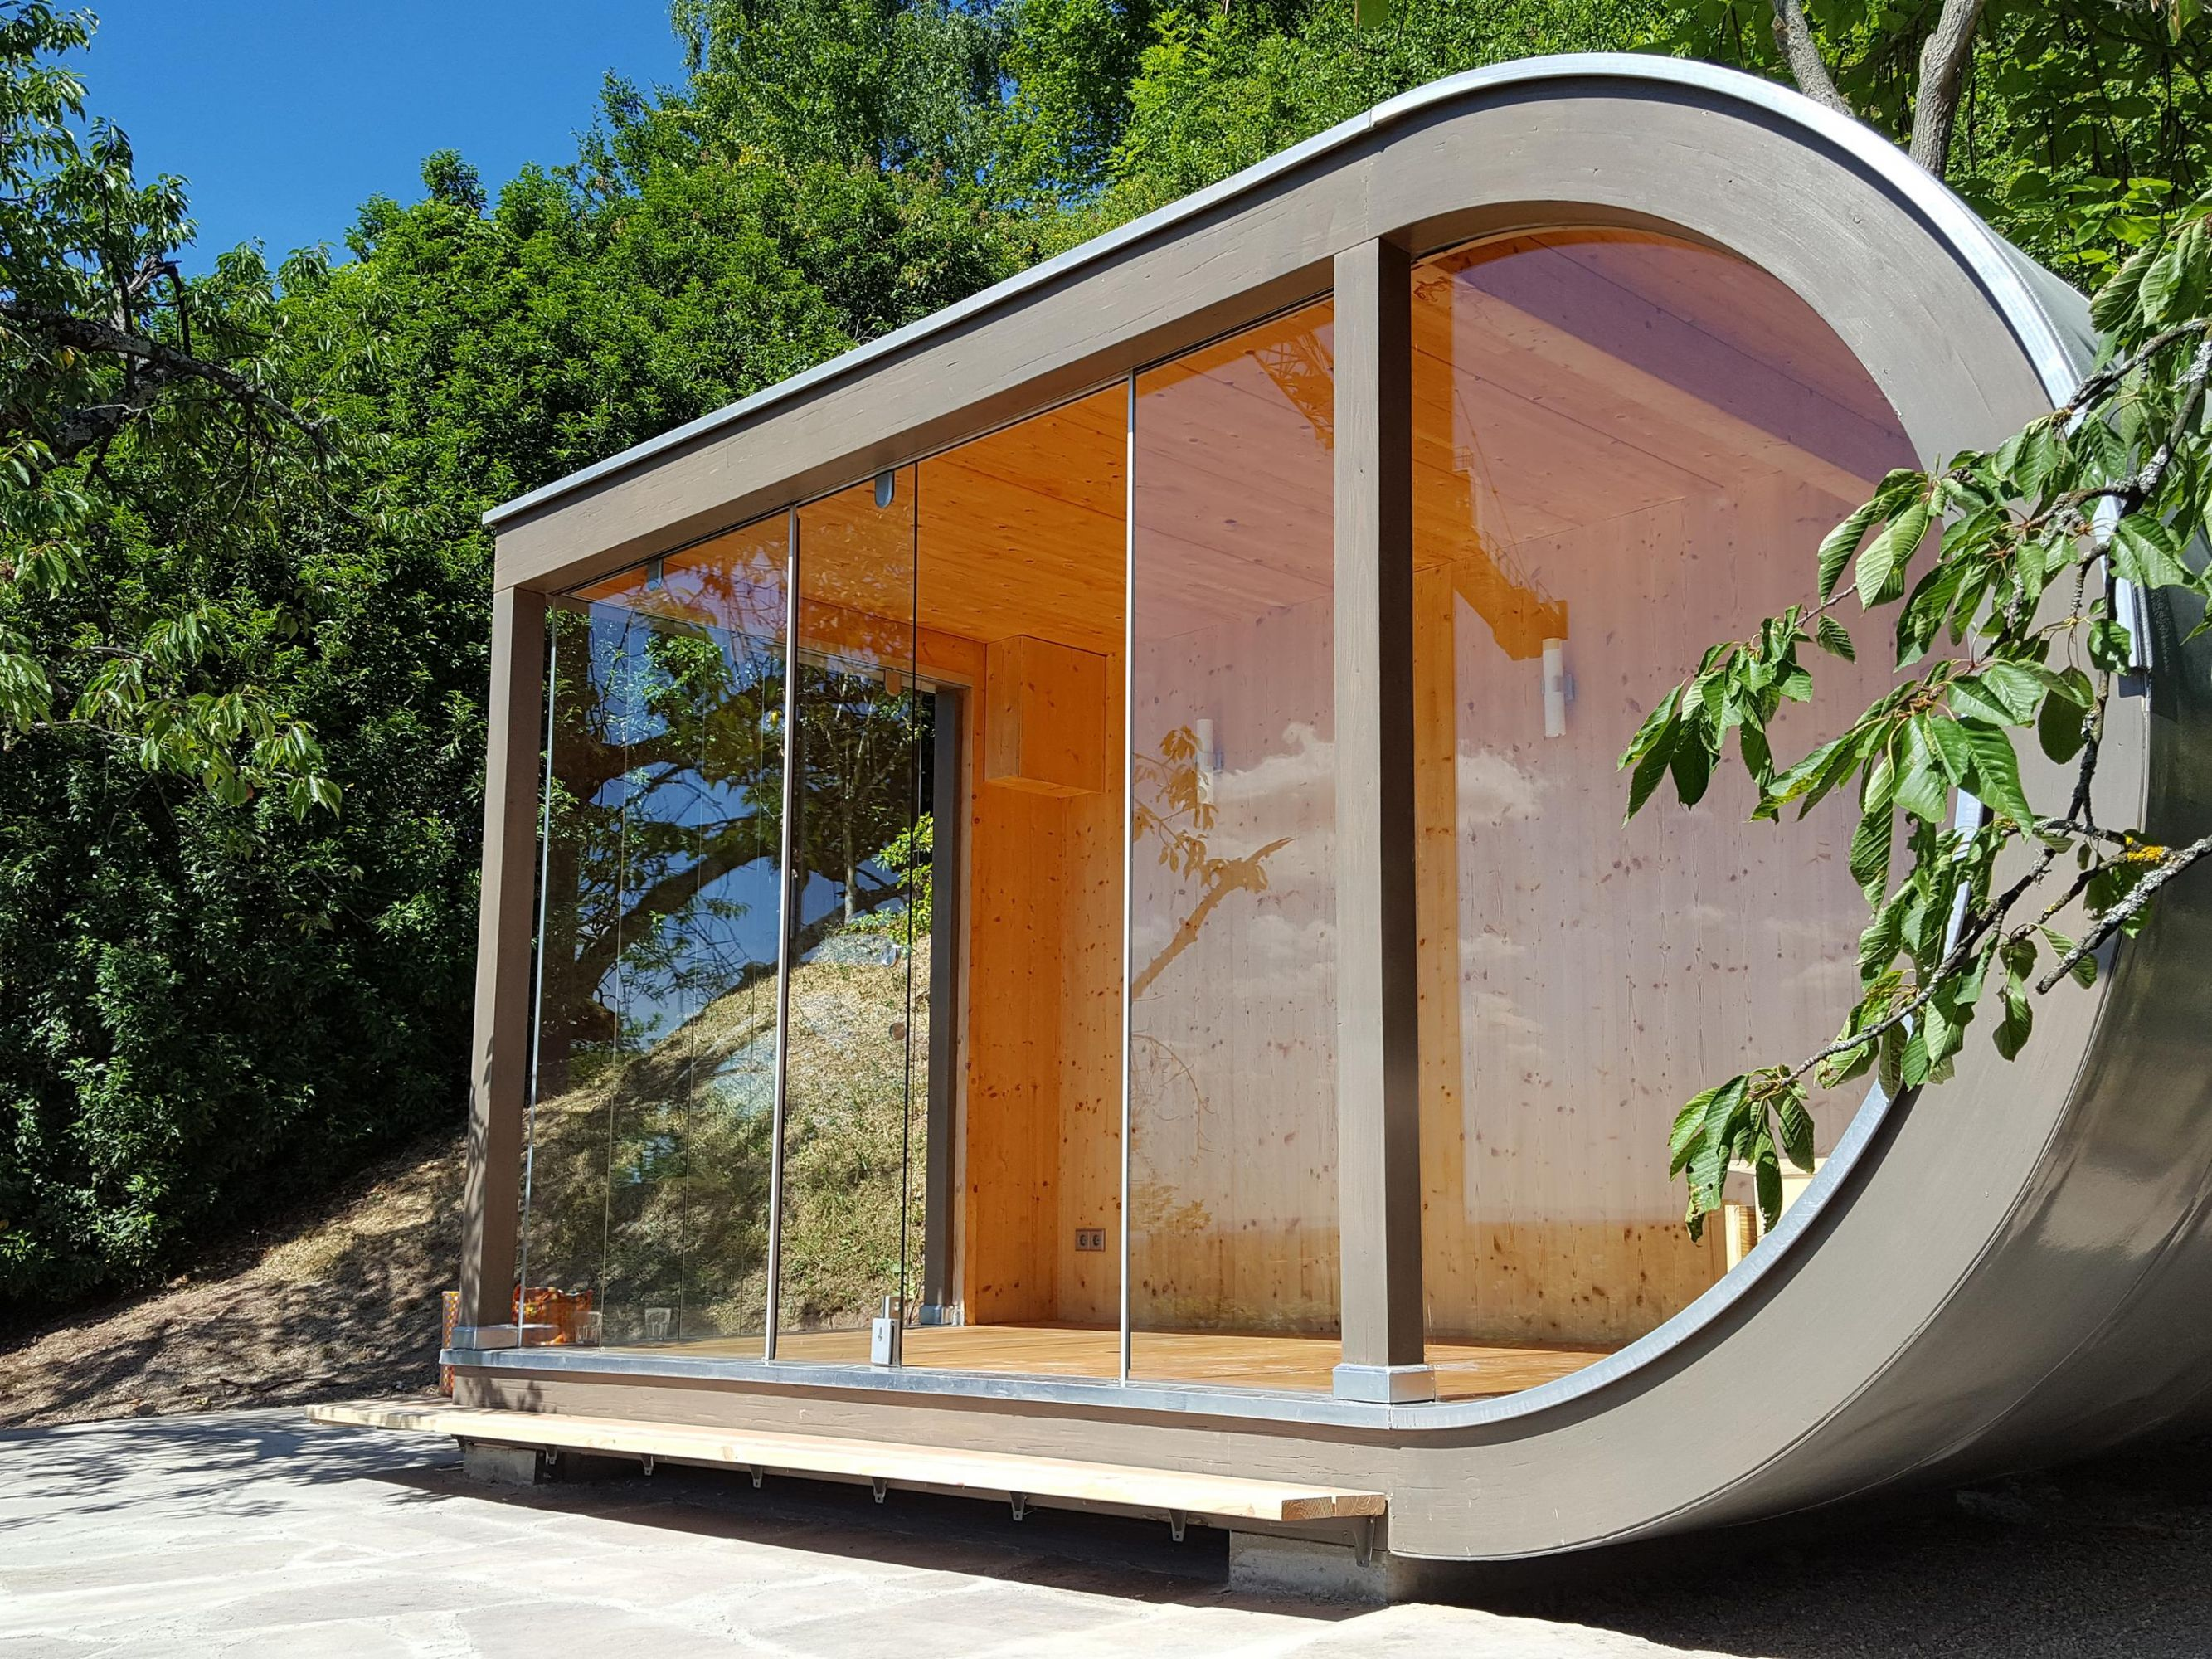 sch nes modernes gartenhaus bei heidelberg werner. Black Bedroom Furniture Sets. Home Design Ideas